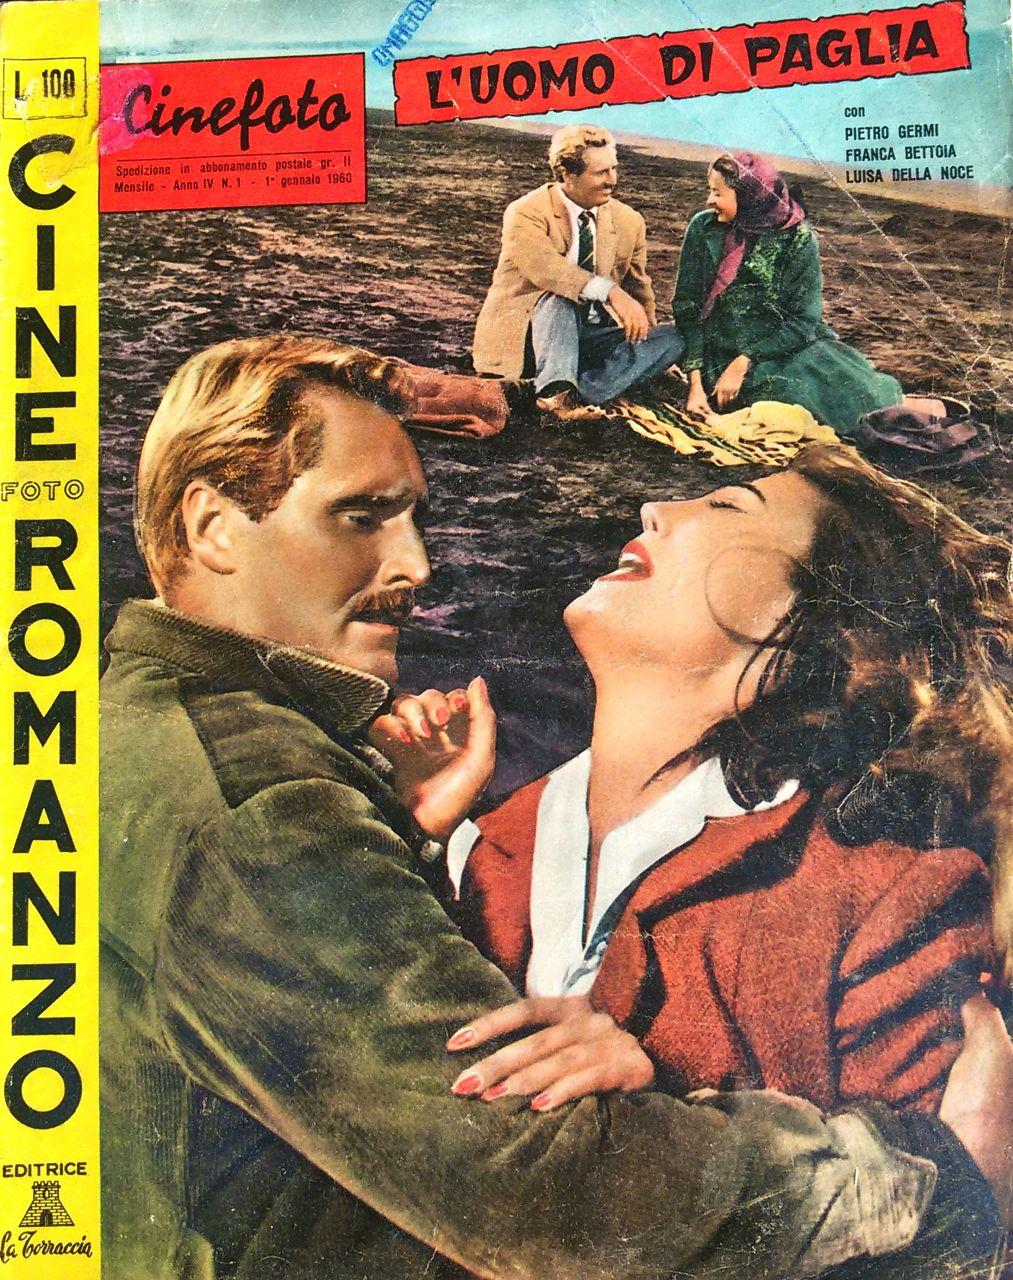 """L'uomo di paglia di Pietro Germi – Cineromanzo a fumetti in """"Cinefotoromanzo"""", Anno IV, n.1, 1 gennaio 1960"""